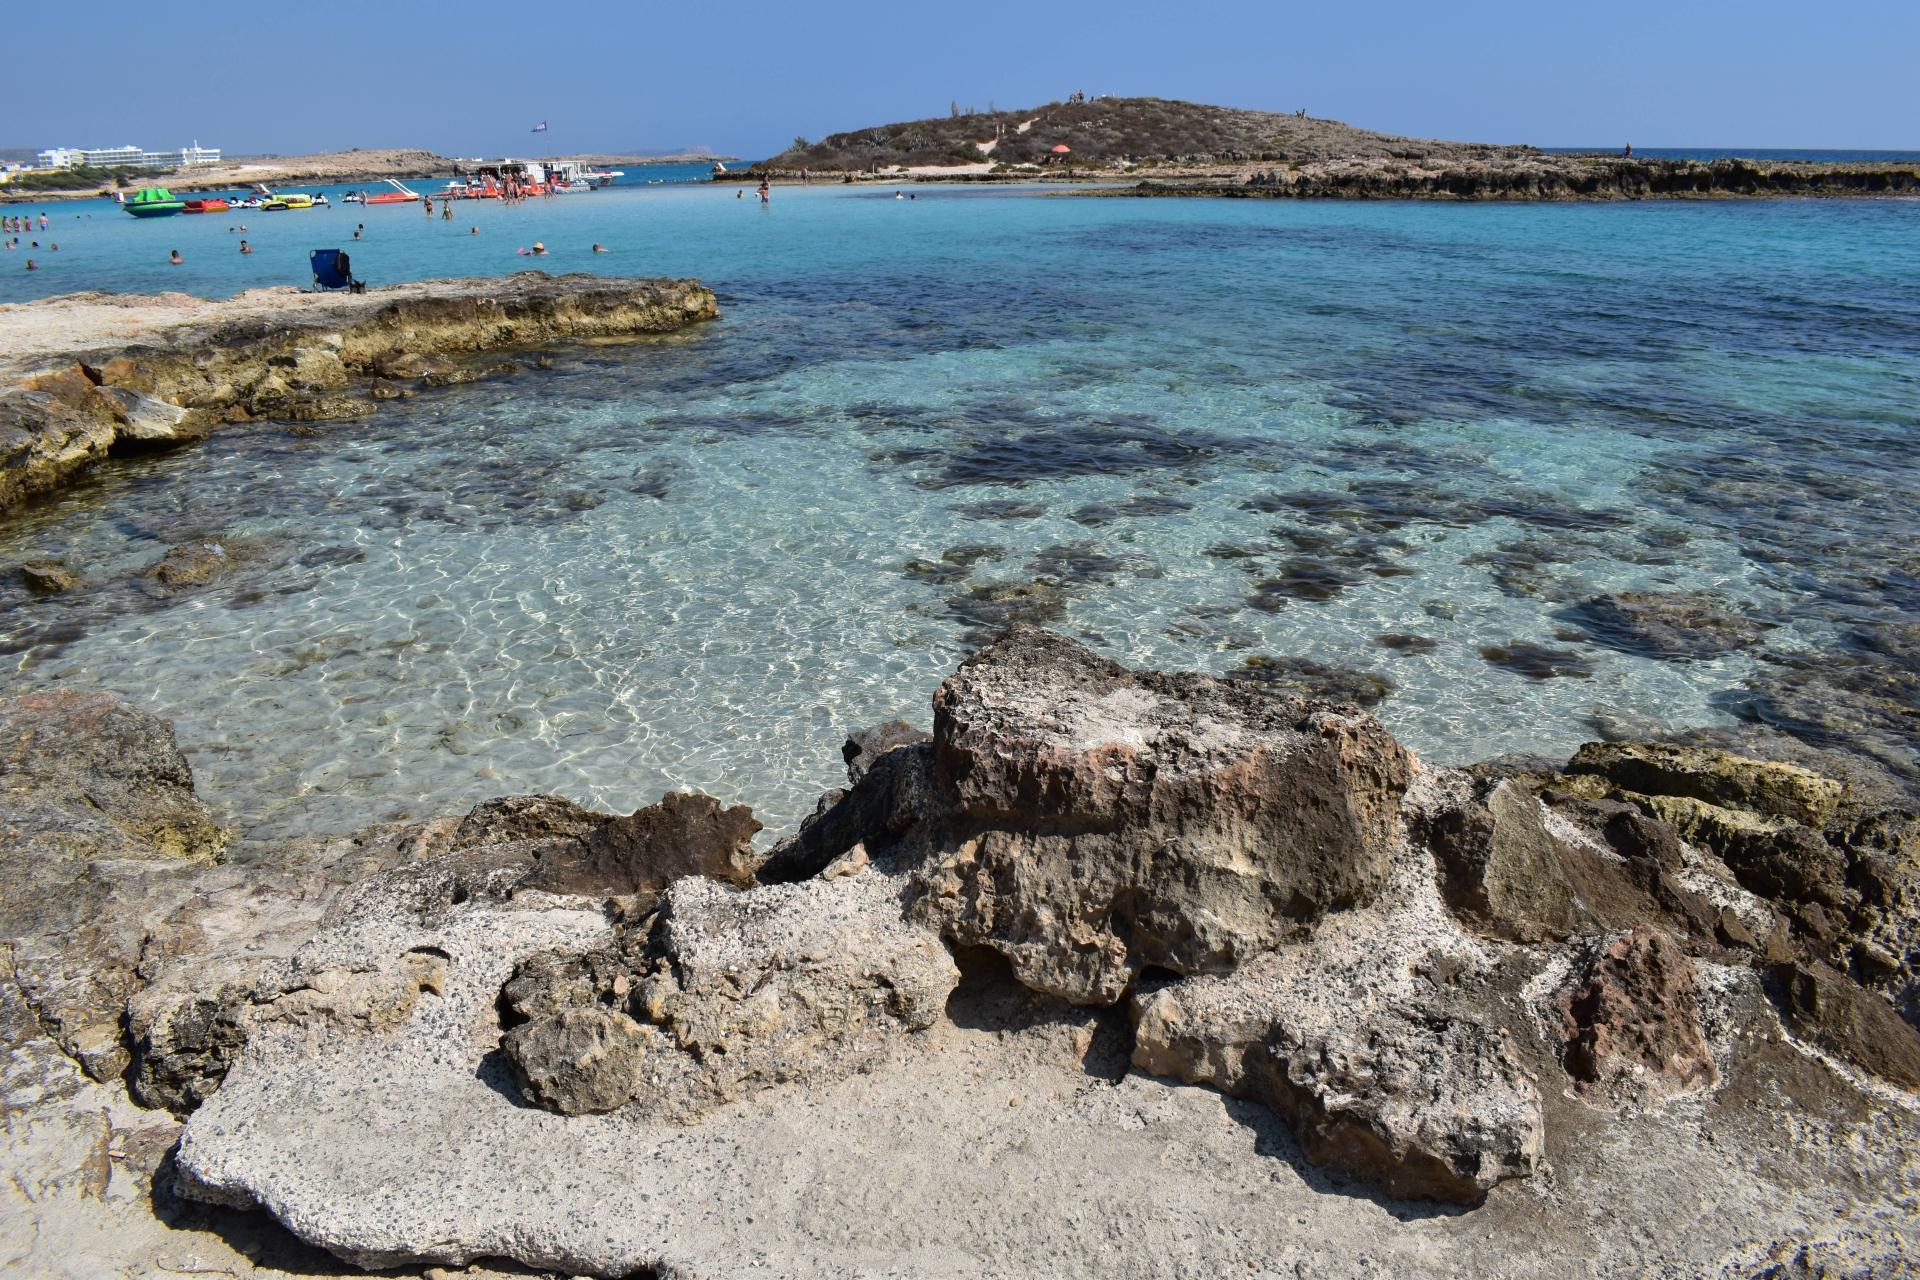 Nissi Beach in Ayia Napa im Bezirk Famagusta auf der Sonneninsel Zypern